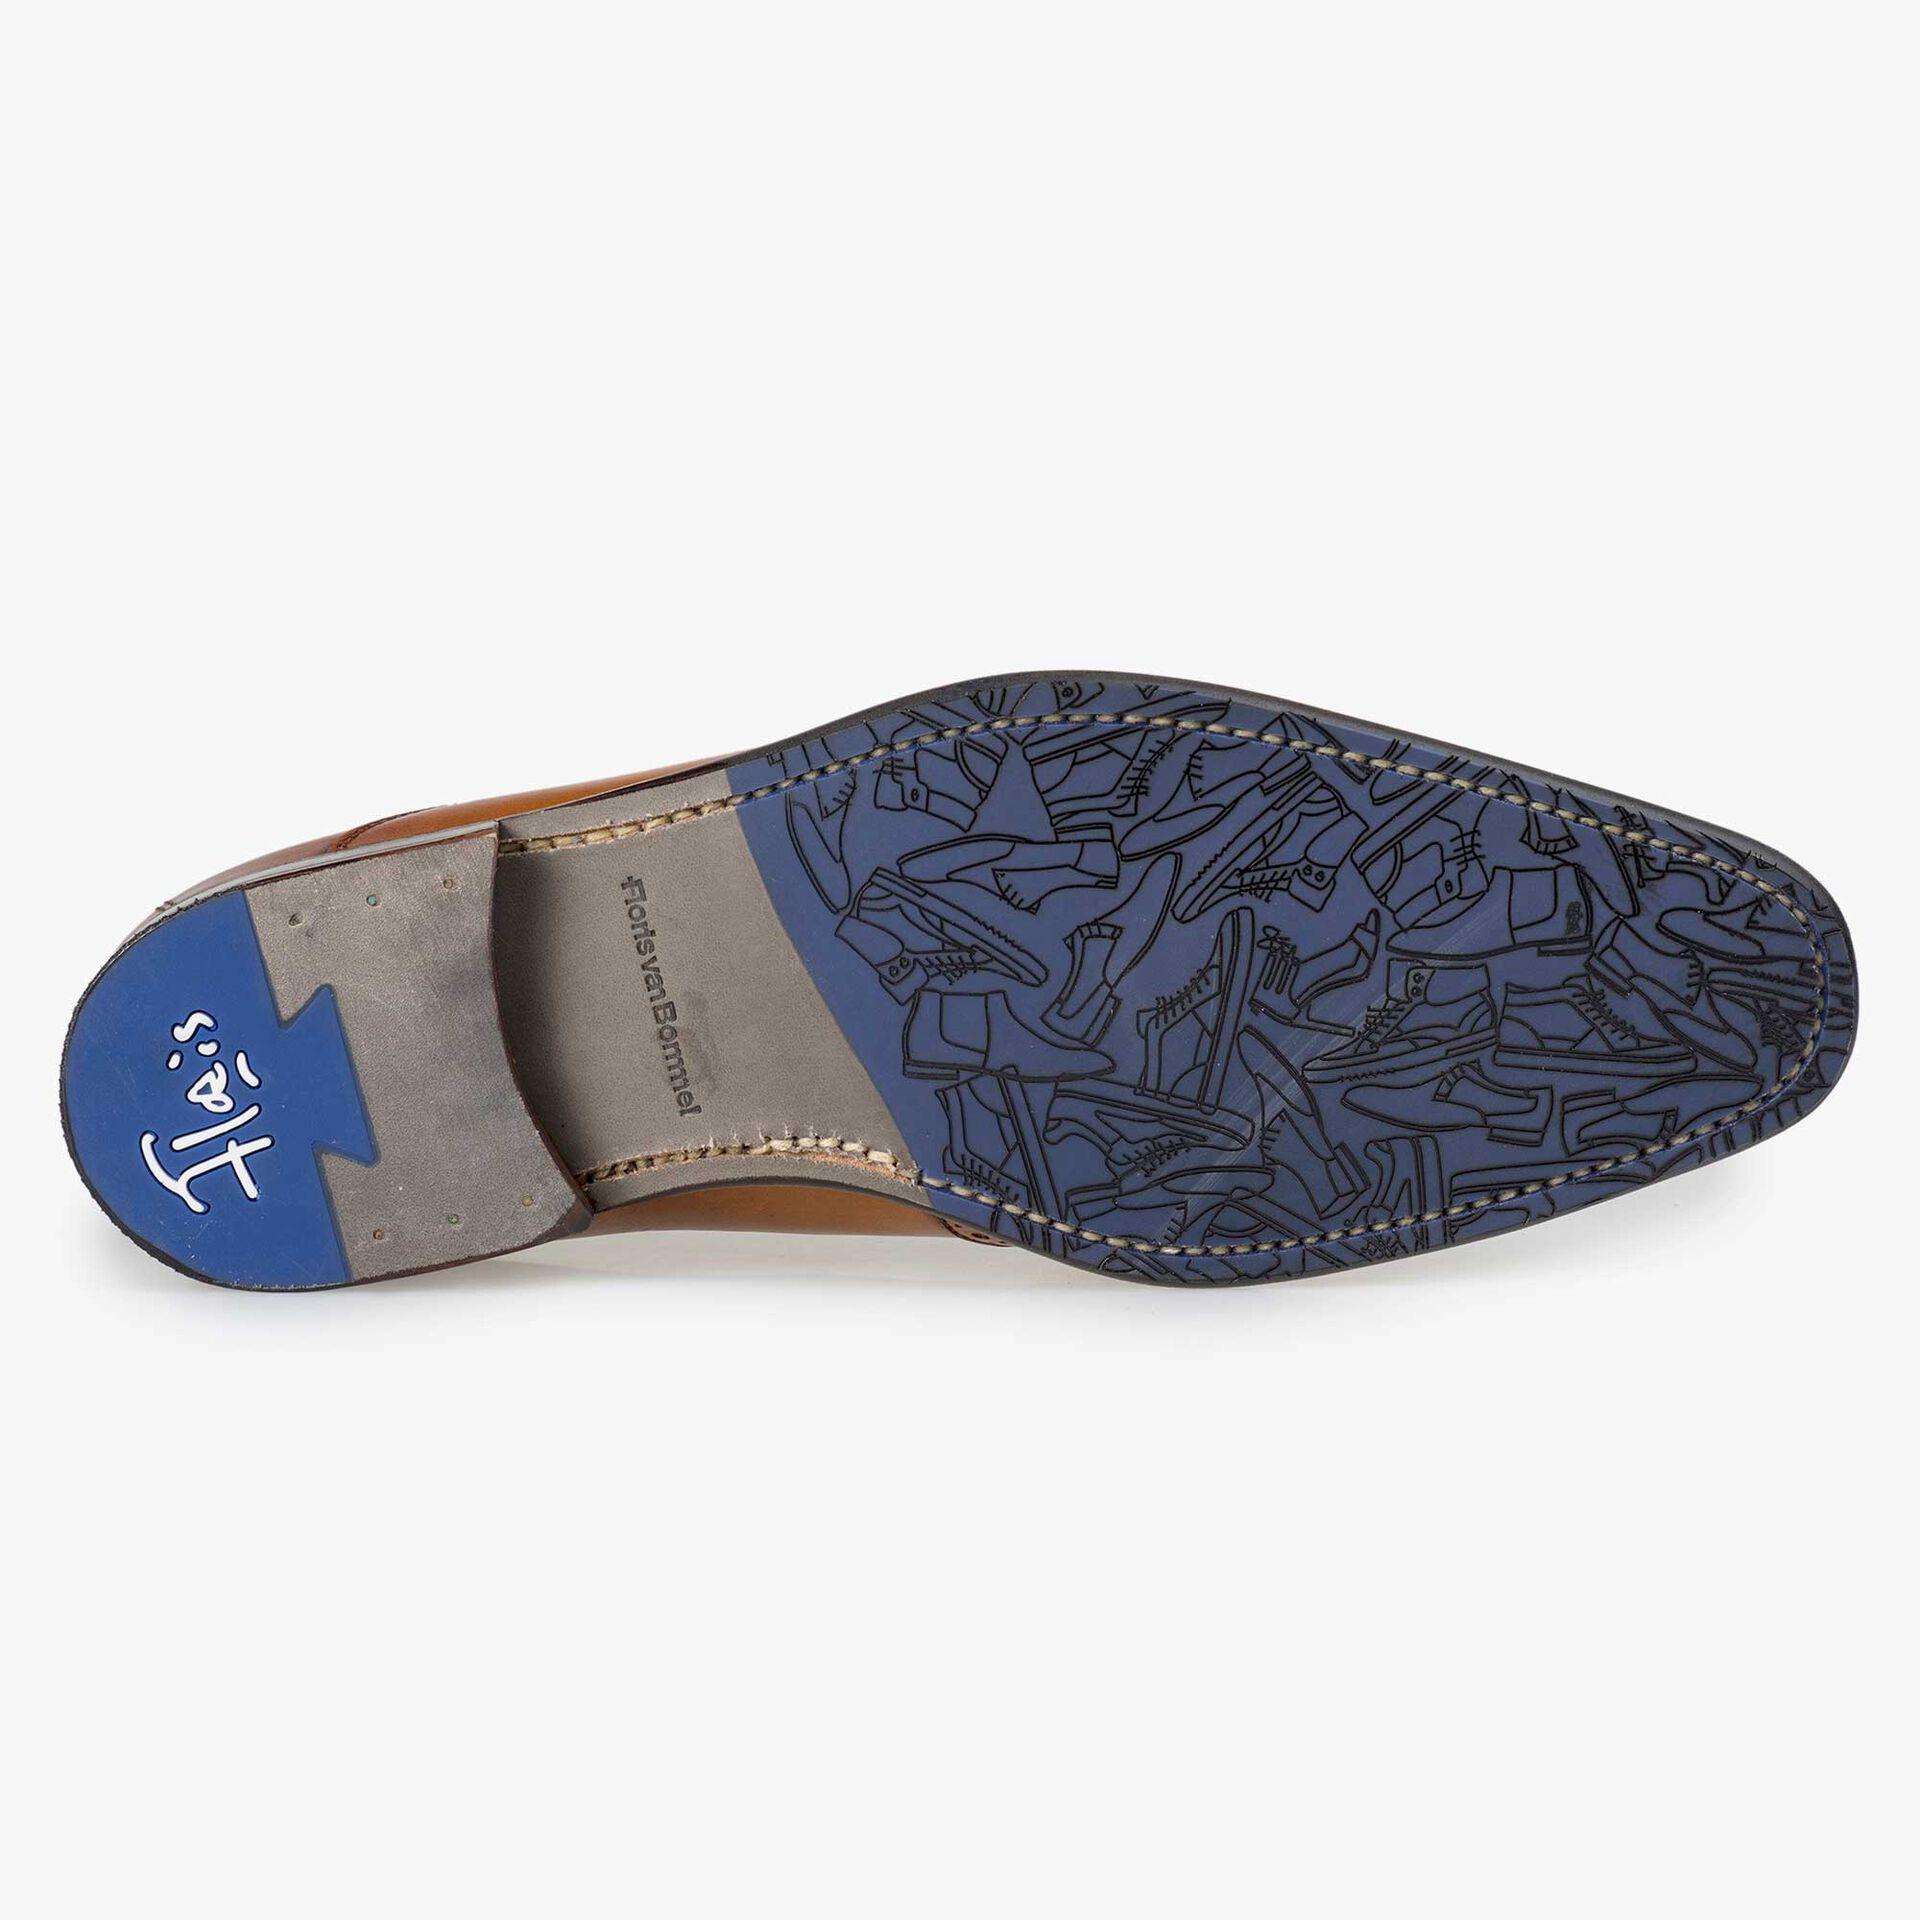 Floris van Bommel men's light cognac-coloured leather lace shoe